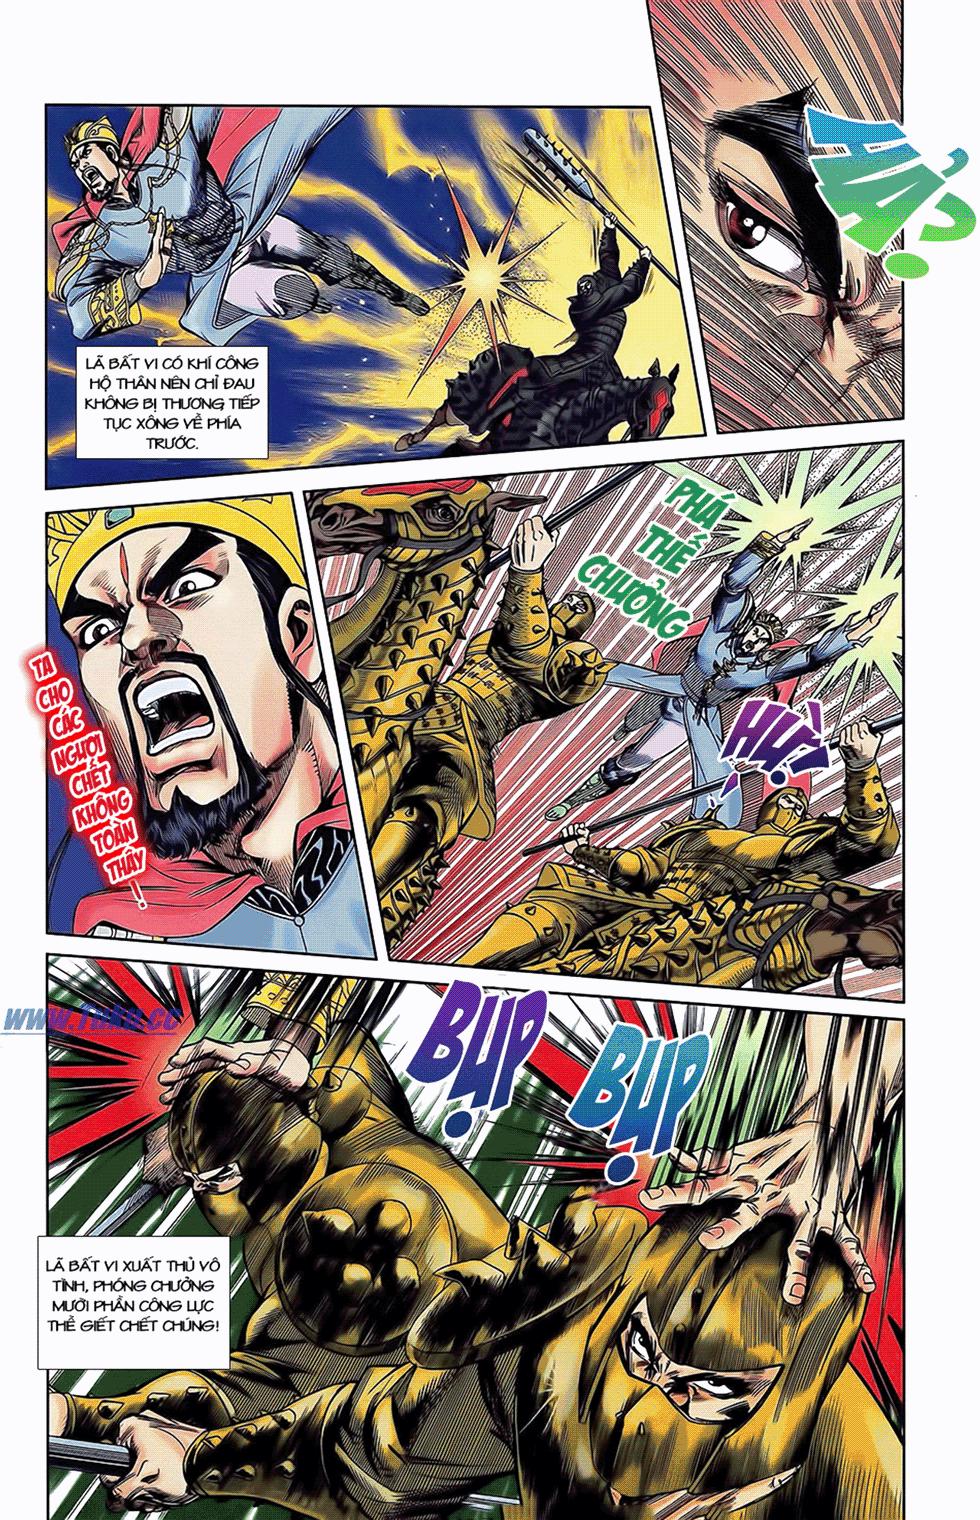 Tần Vương Doanh Chính chapter 5 trang 19